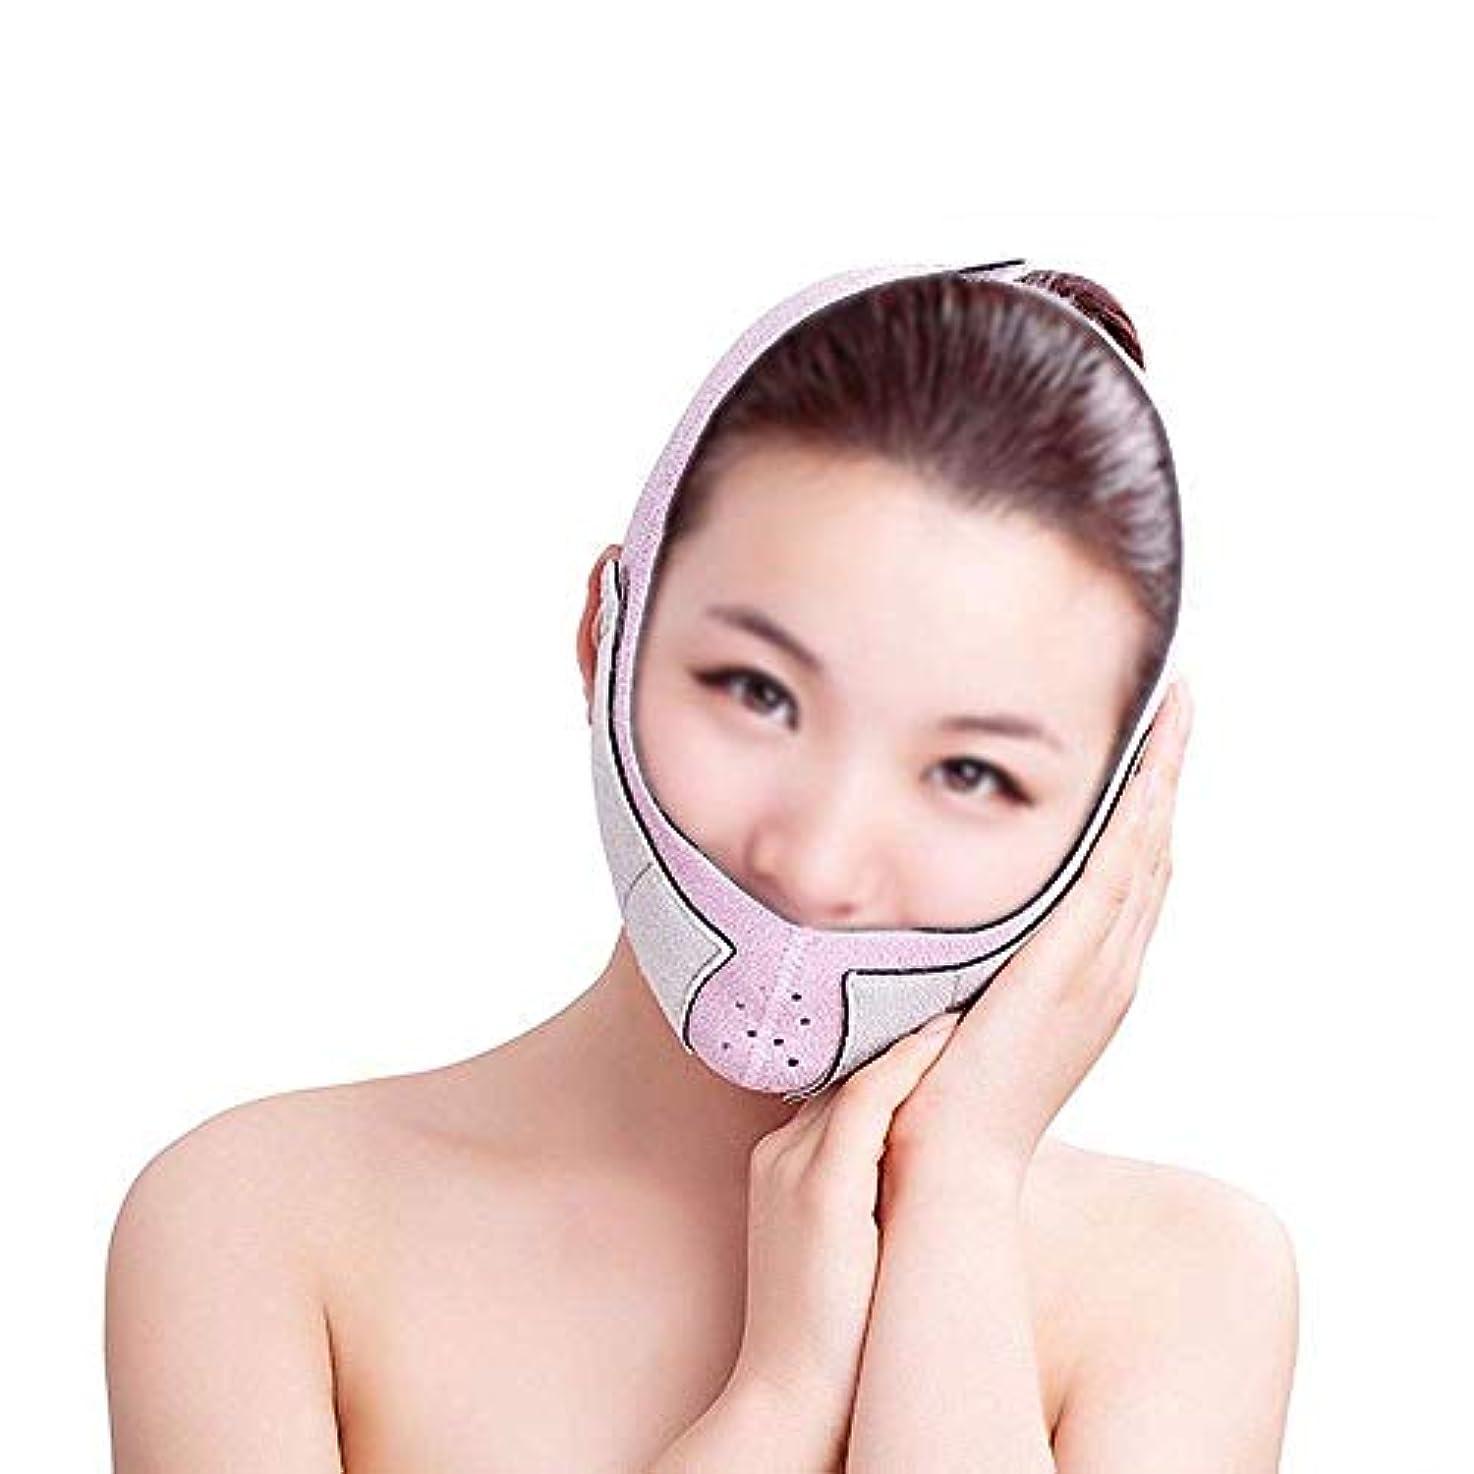 星メガロポリス神フェイスリフトマスク、スリミングベルト薄いフェイスマスク強力なリフティング小さなV顔薄い顔包帯美容顔リフティングデバイス